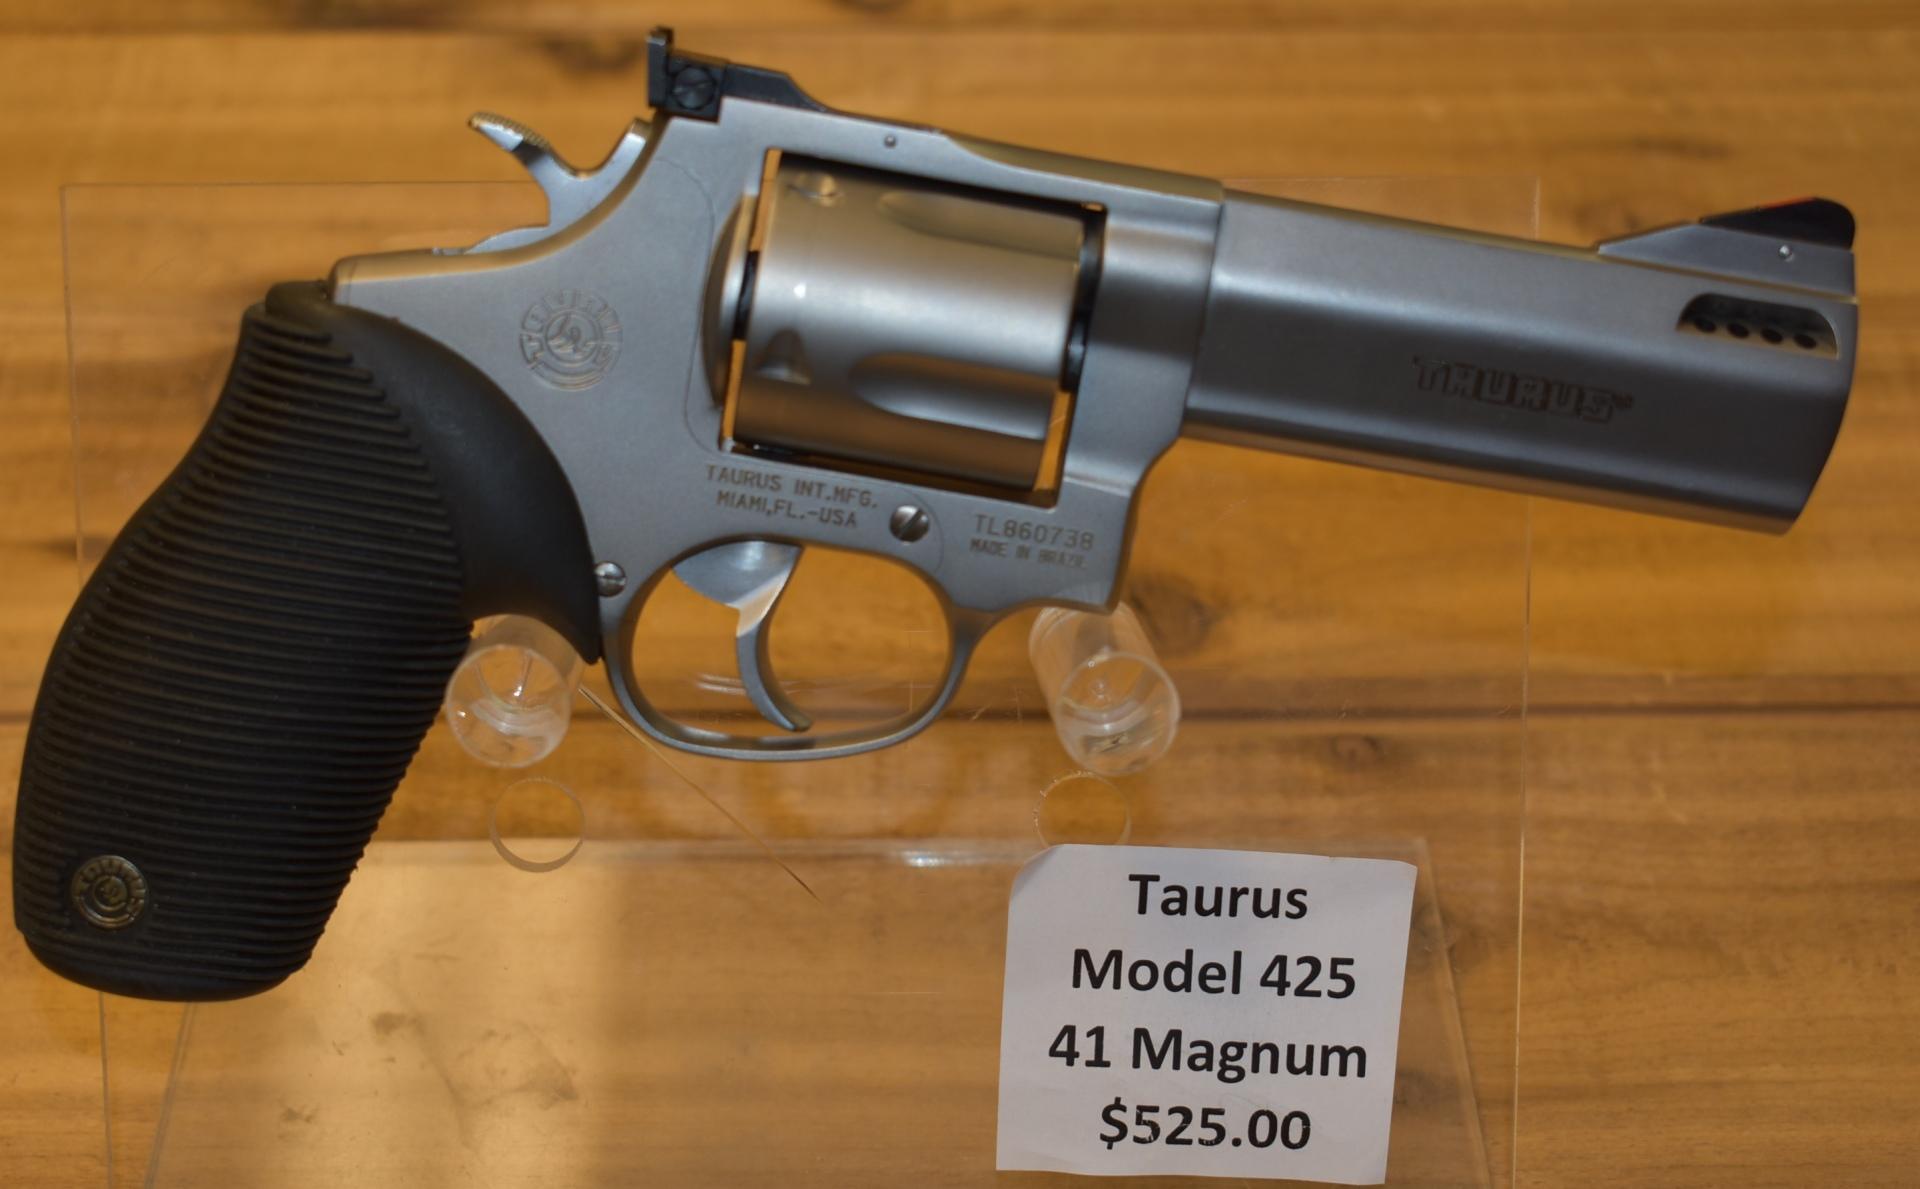 Taurus 41 magnum